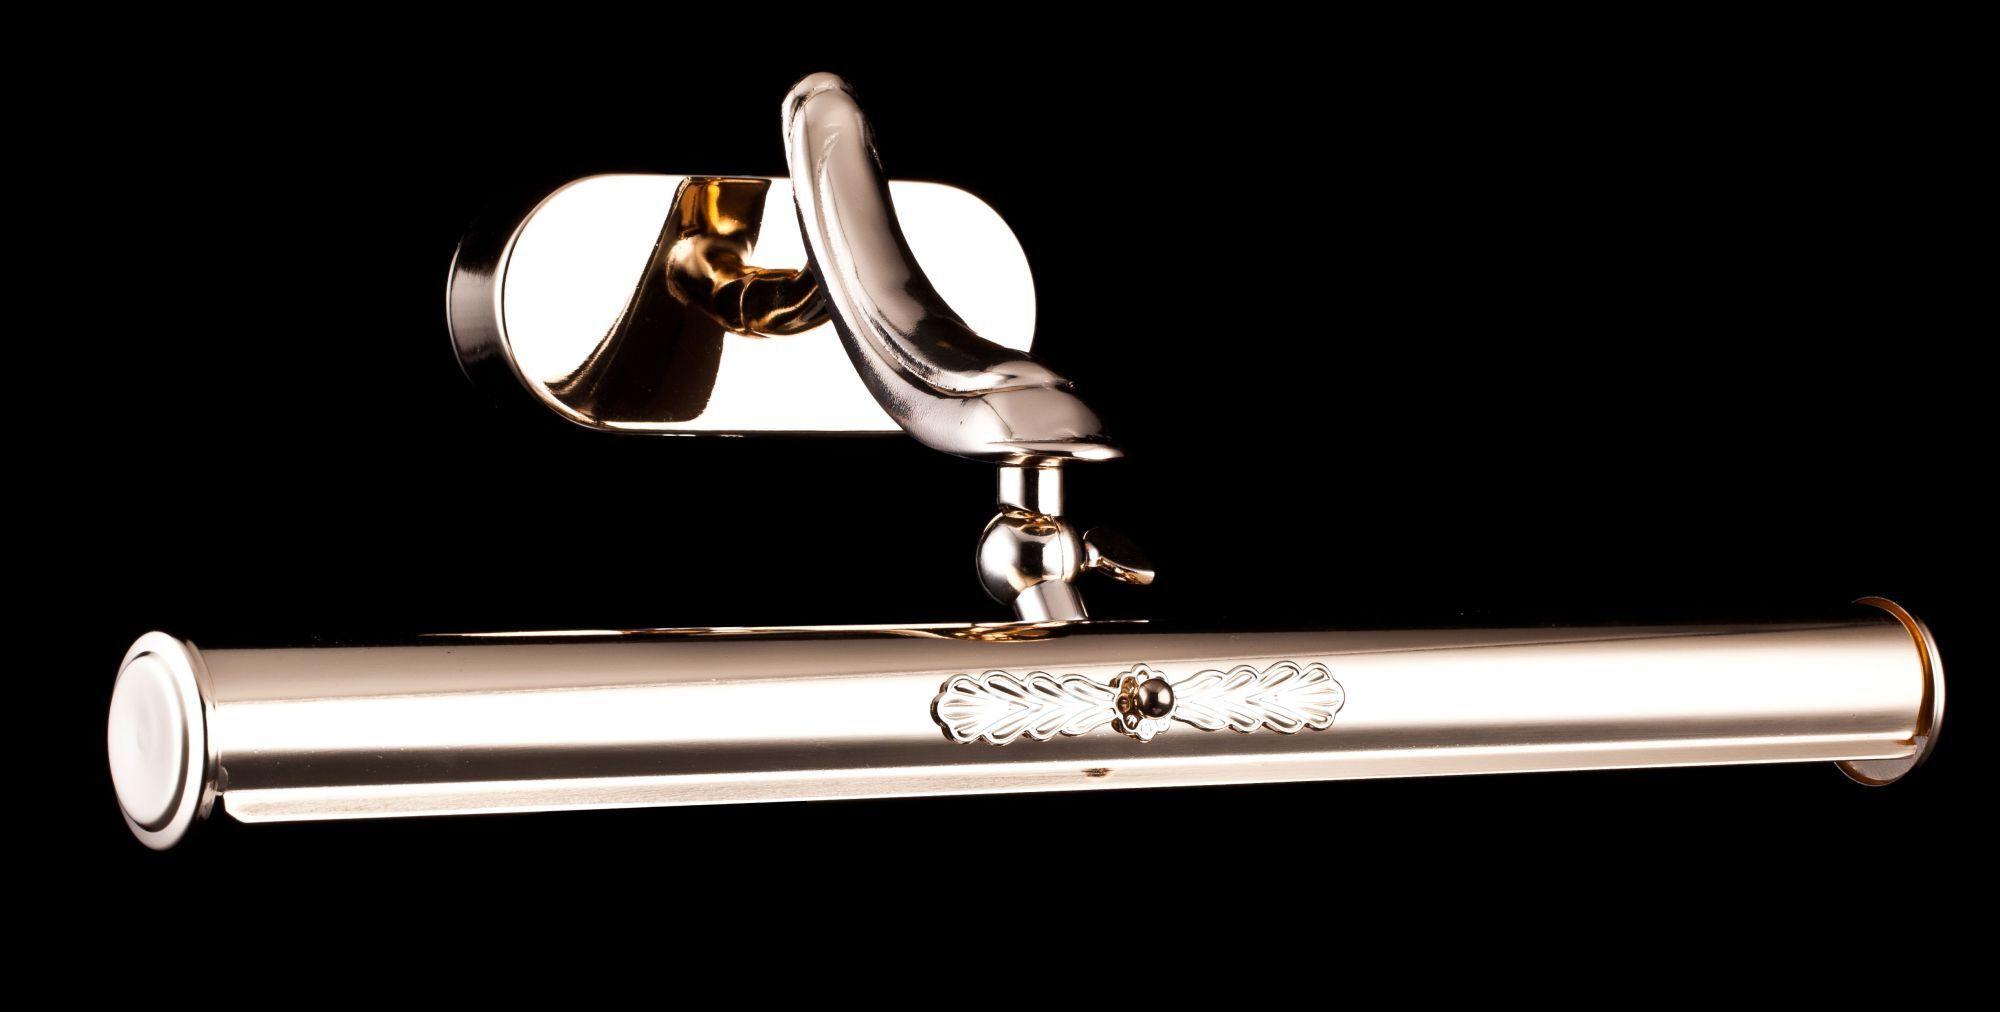 Настенный светильник для подсветки картин Maytoni Classic Picture Raphael PIC113-02-G, 2xE14x25W, золото, металл - фото 2